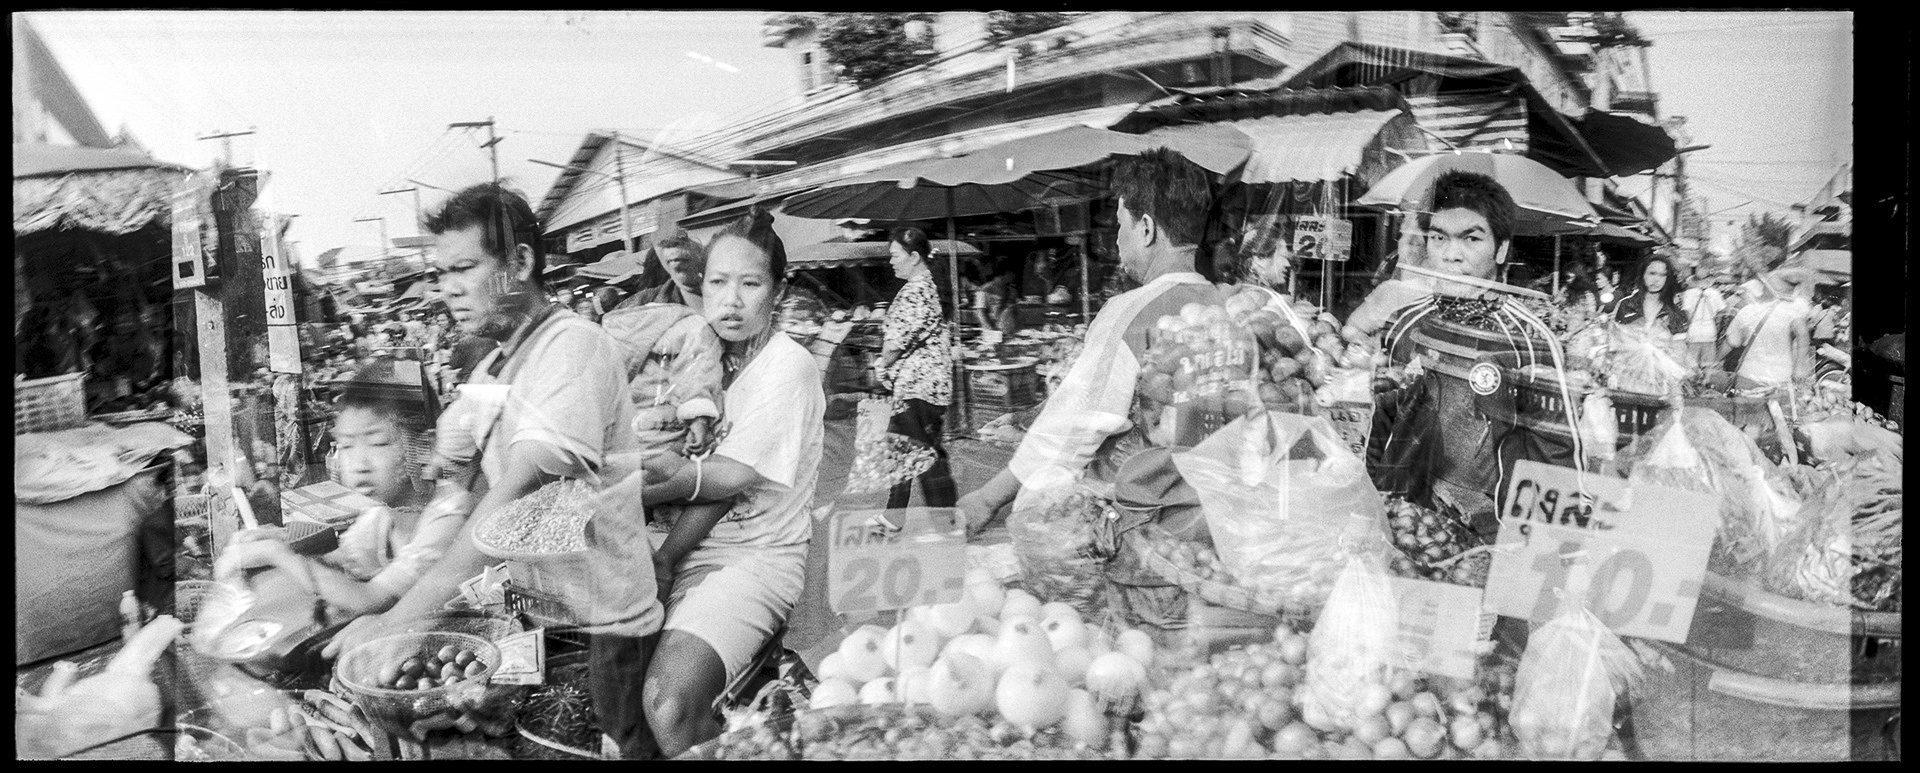 Chiang Mai. Thailand.